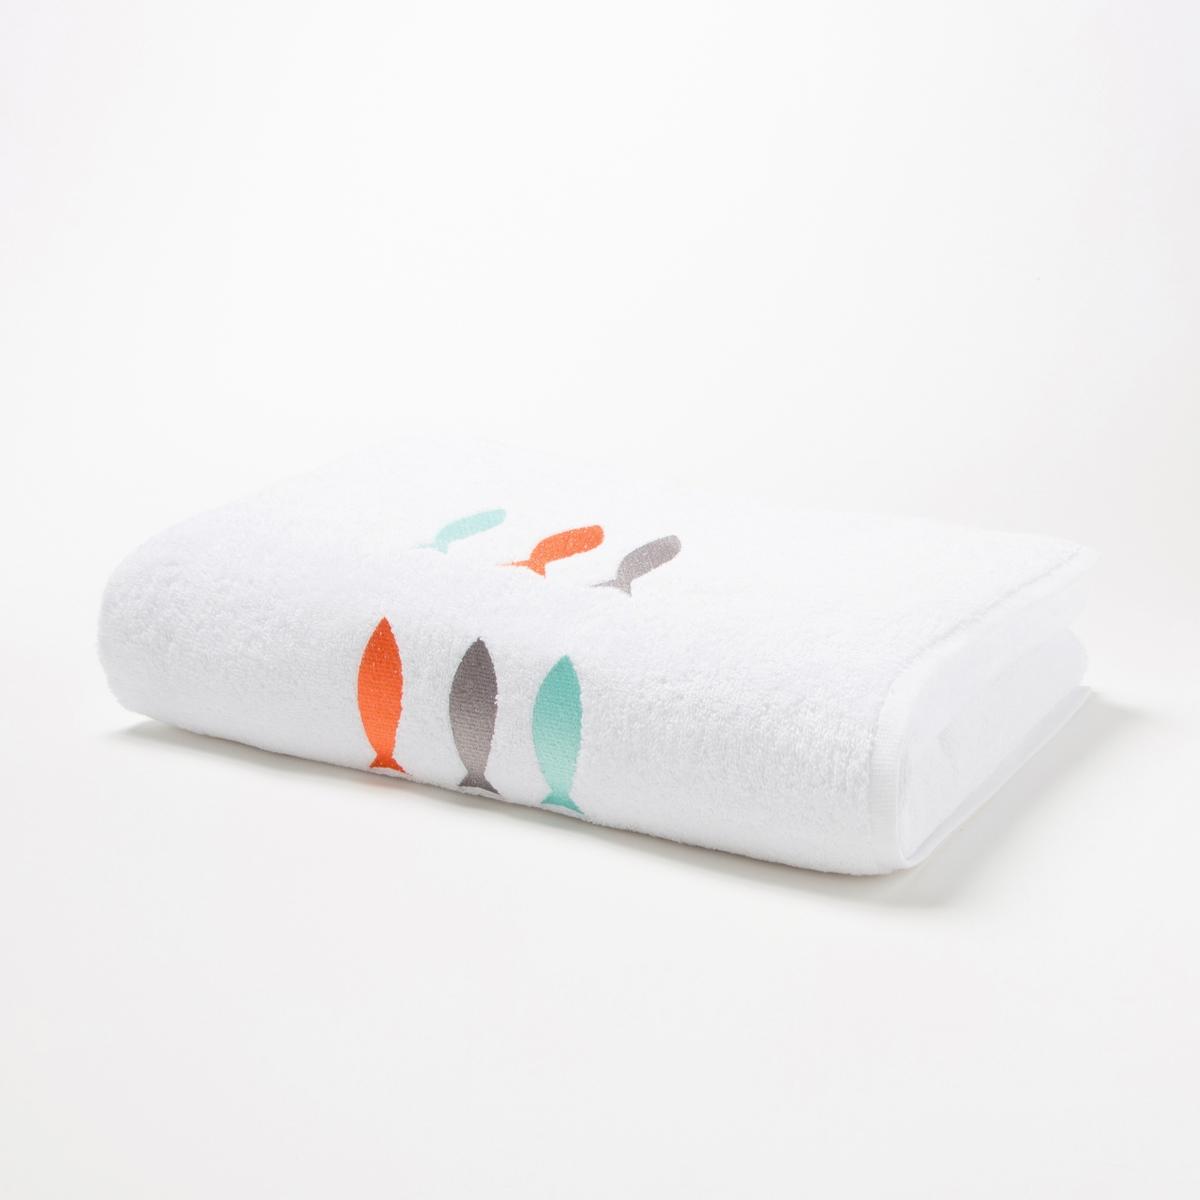 Полотенце банное с вышивкой рыбки, Fish Brod? .Характеристики банного полотенца :100% хлопок.500г/м2.Машинная стирка при 60 °С.Размер  :50 x 100 см.УходМашинная стирка при 60 °С.Возможна машинная сушка.<br><br>Цвет: белый<br>Размер: 50 x 100  см